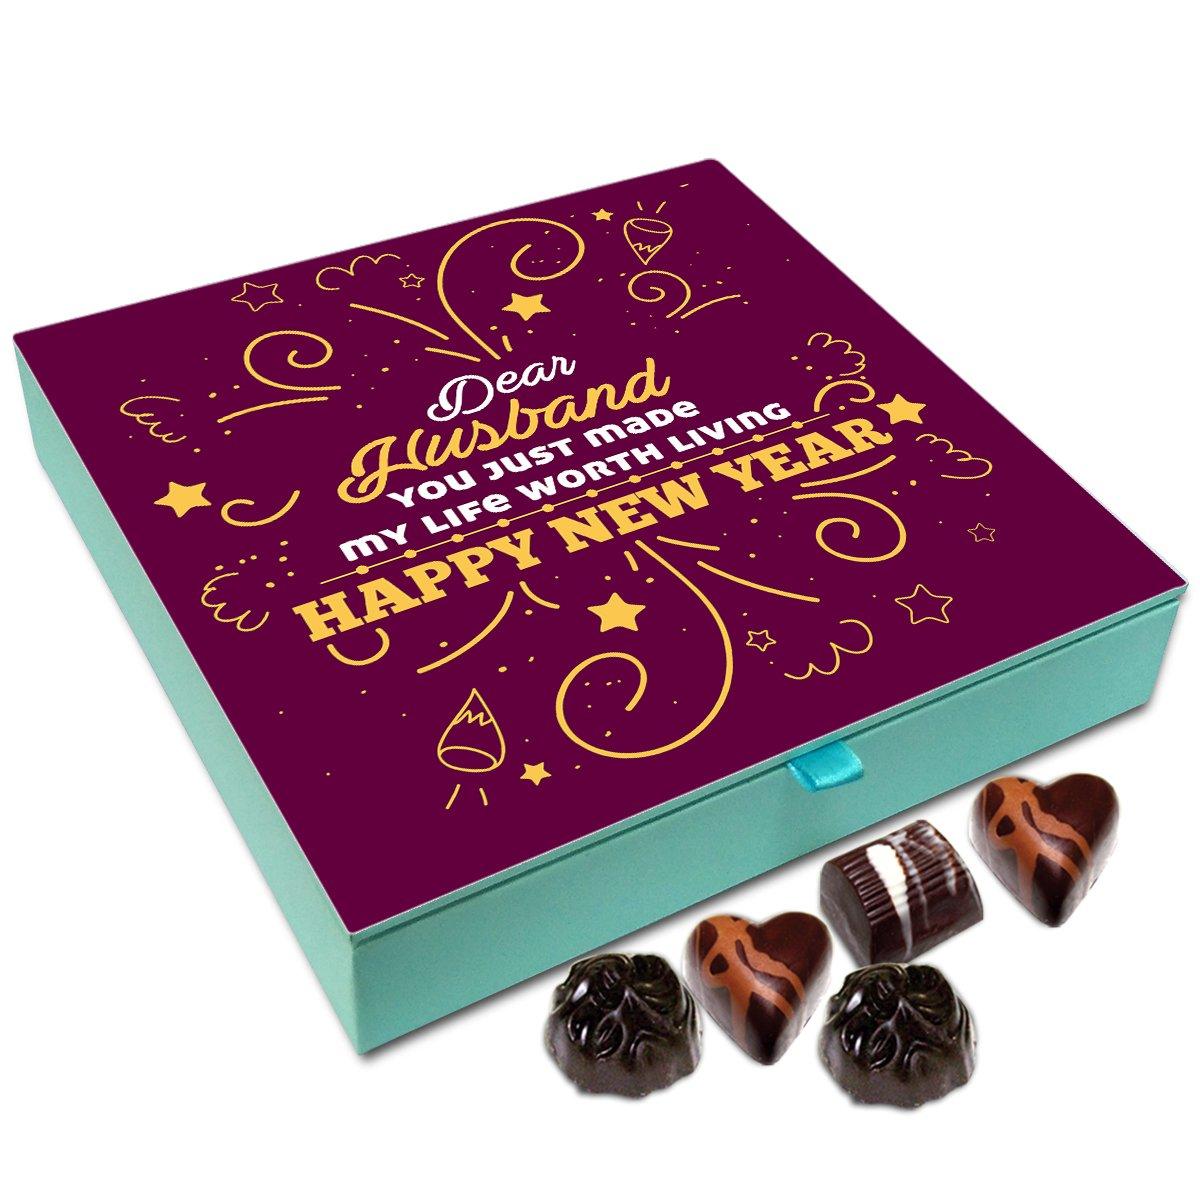 Chocholik New Year Gift Box – Happy New Year Dear Husband Chocolate Box – 9pc